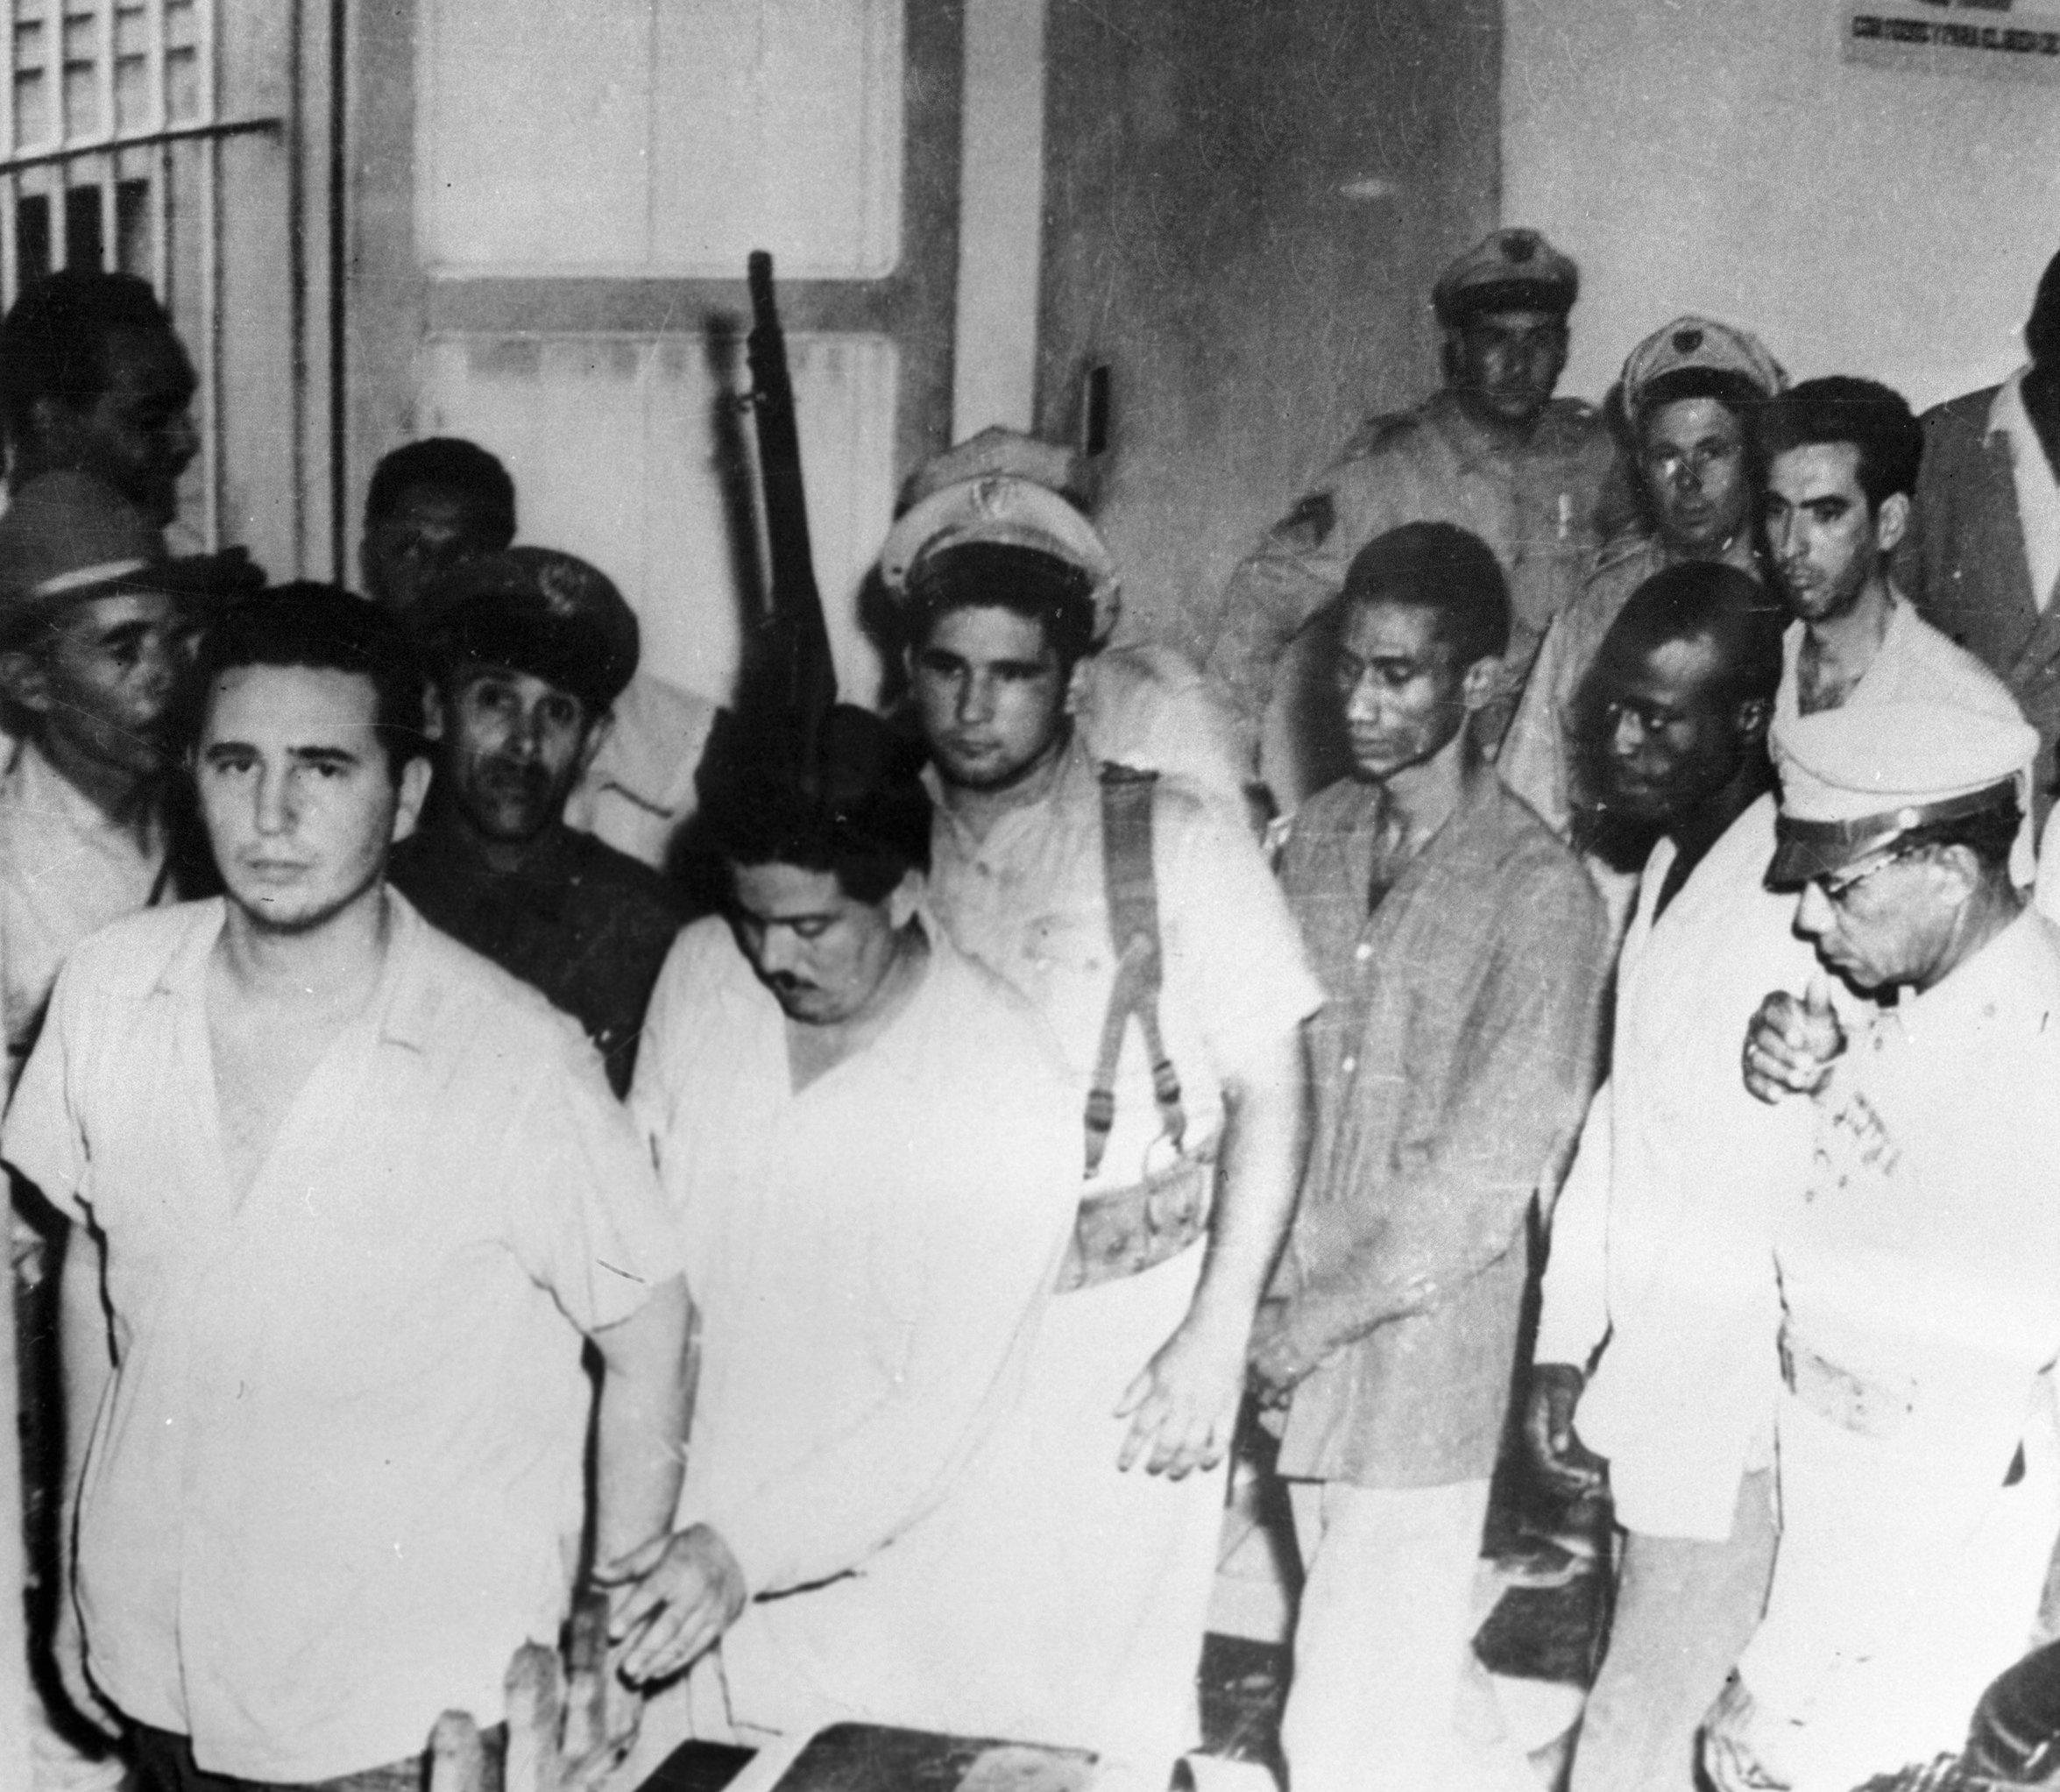 Рауль Кастро поведал оподробностях похорон Фиделя